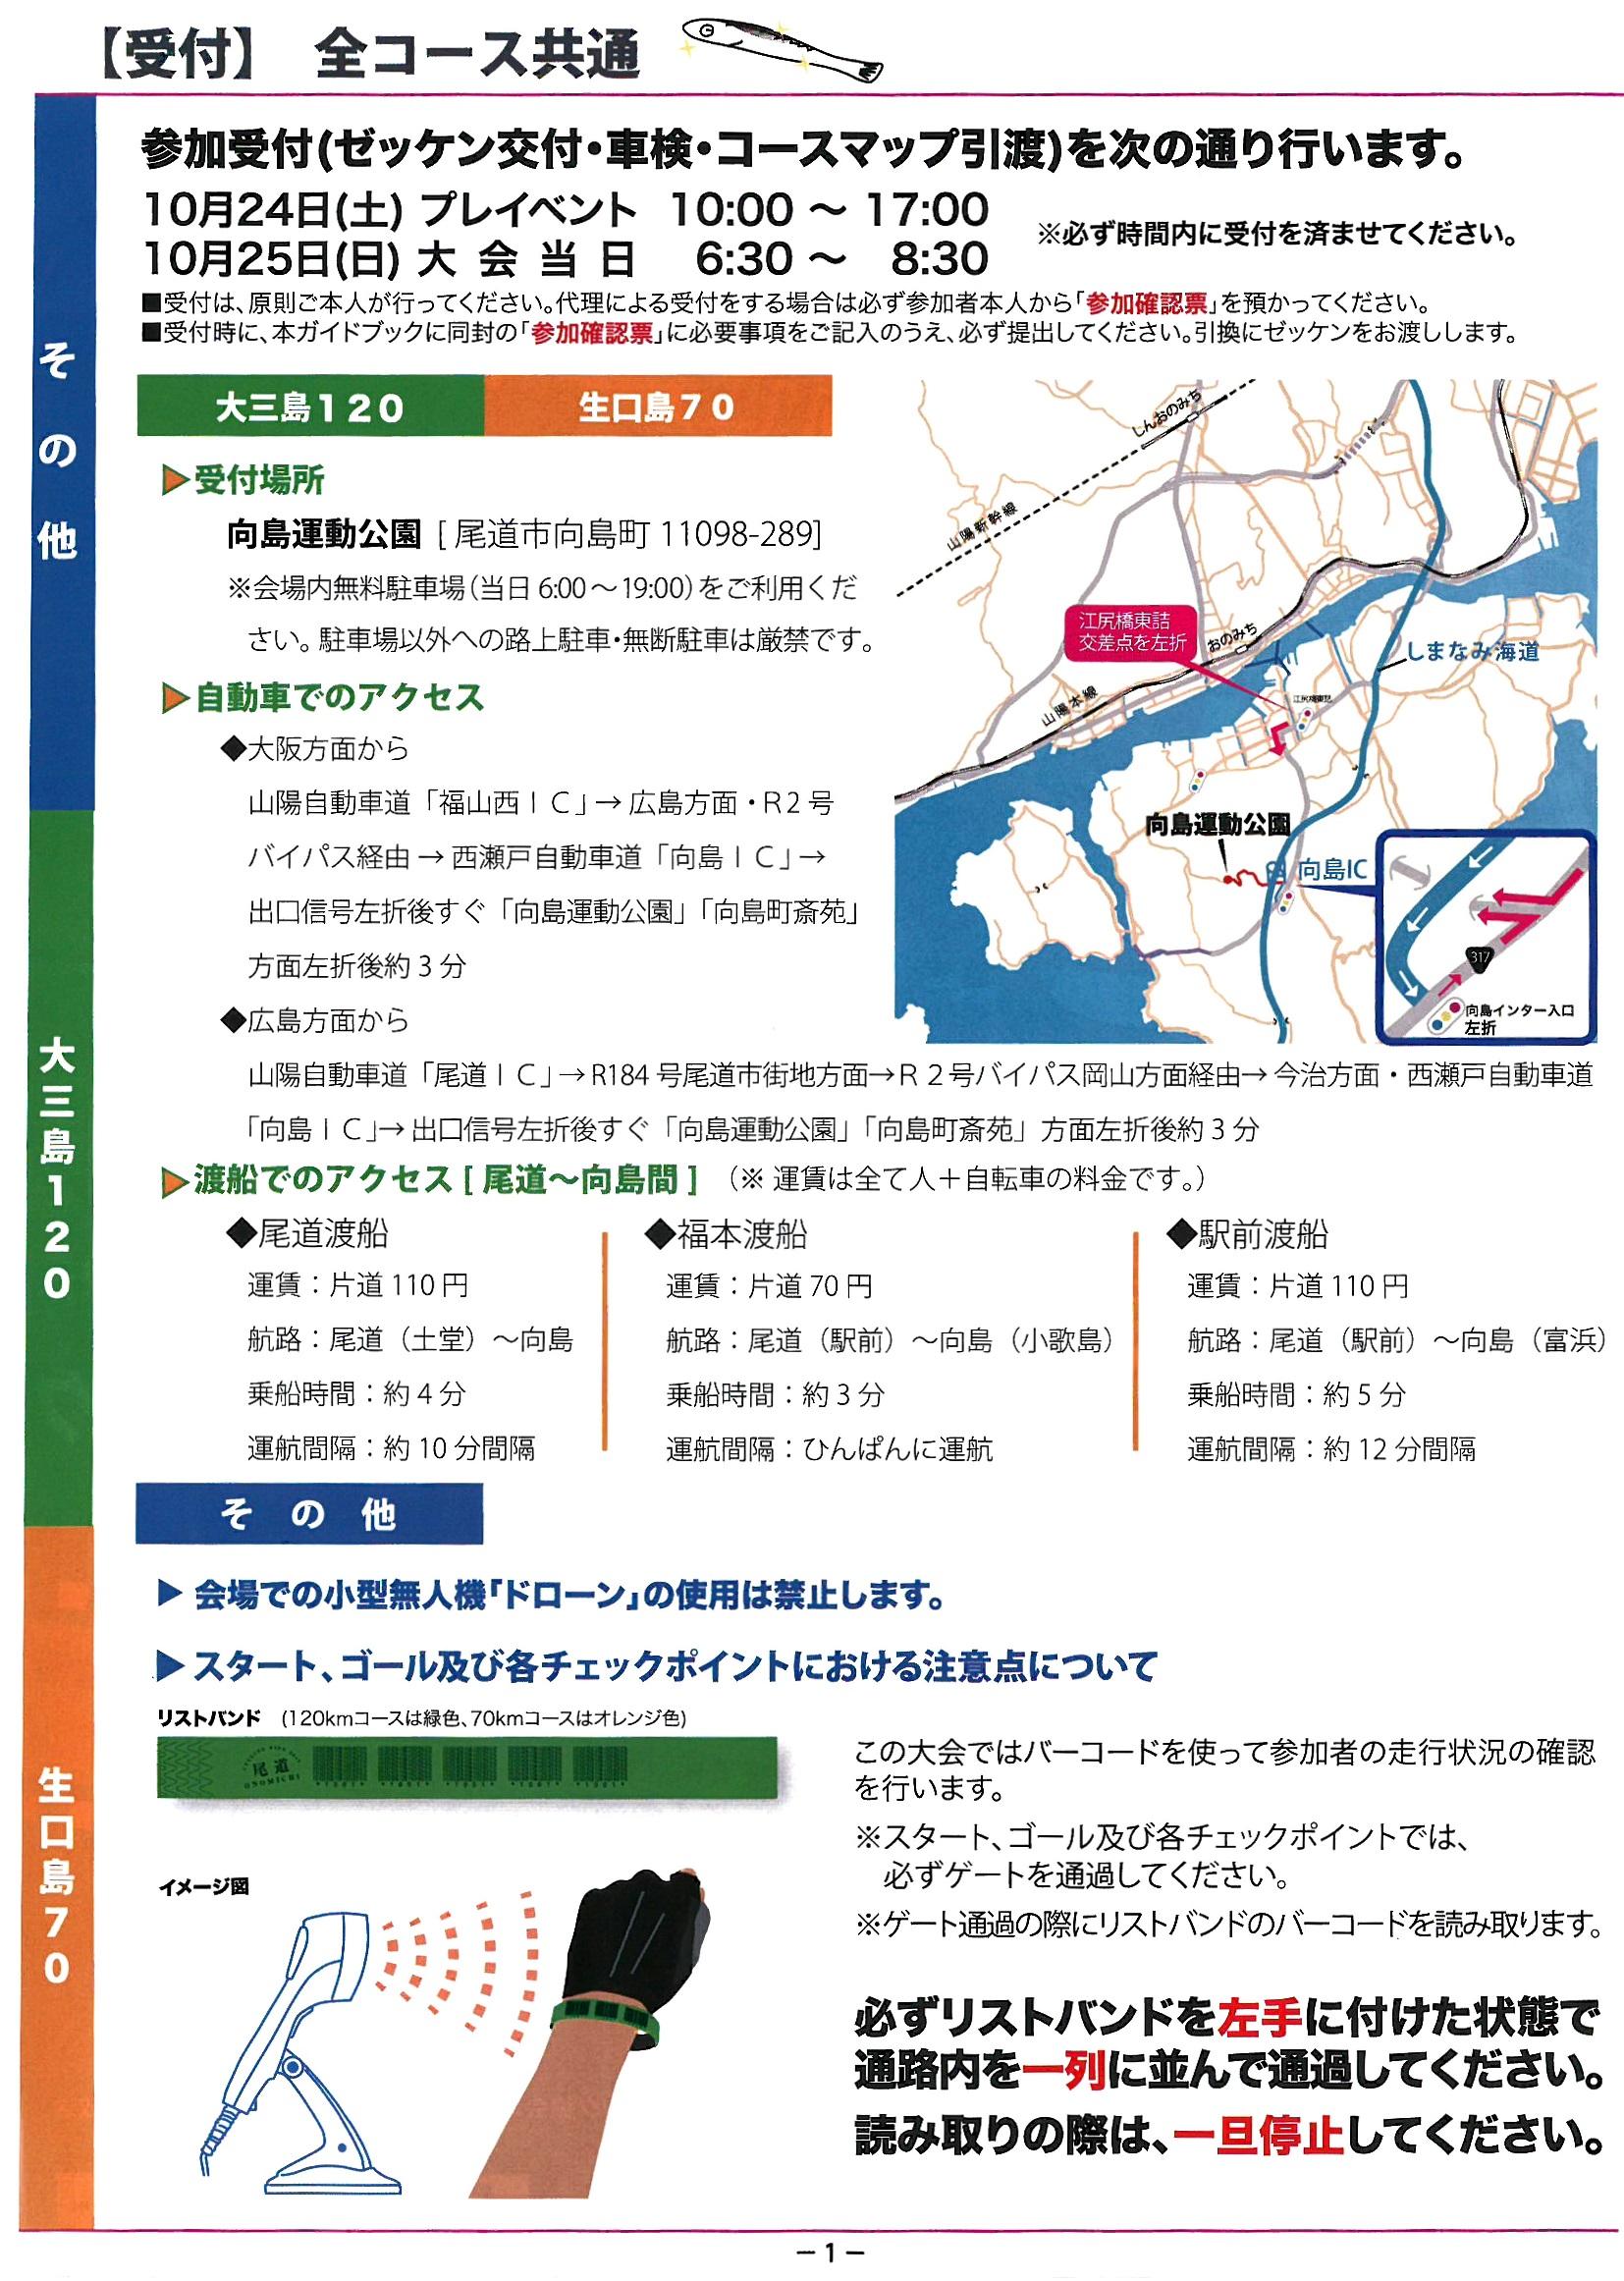 「銀パラ2015」参加者ガイドブック 01